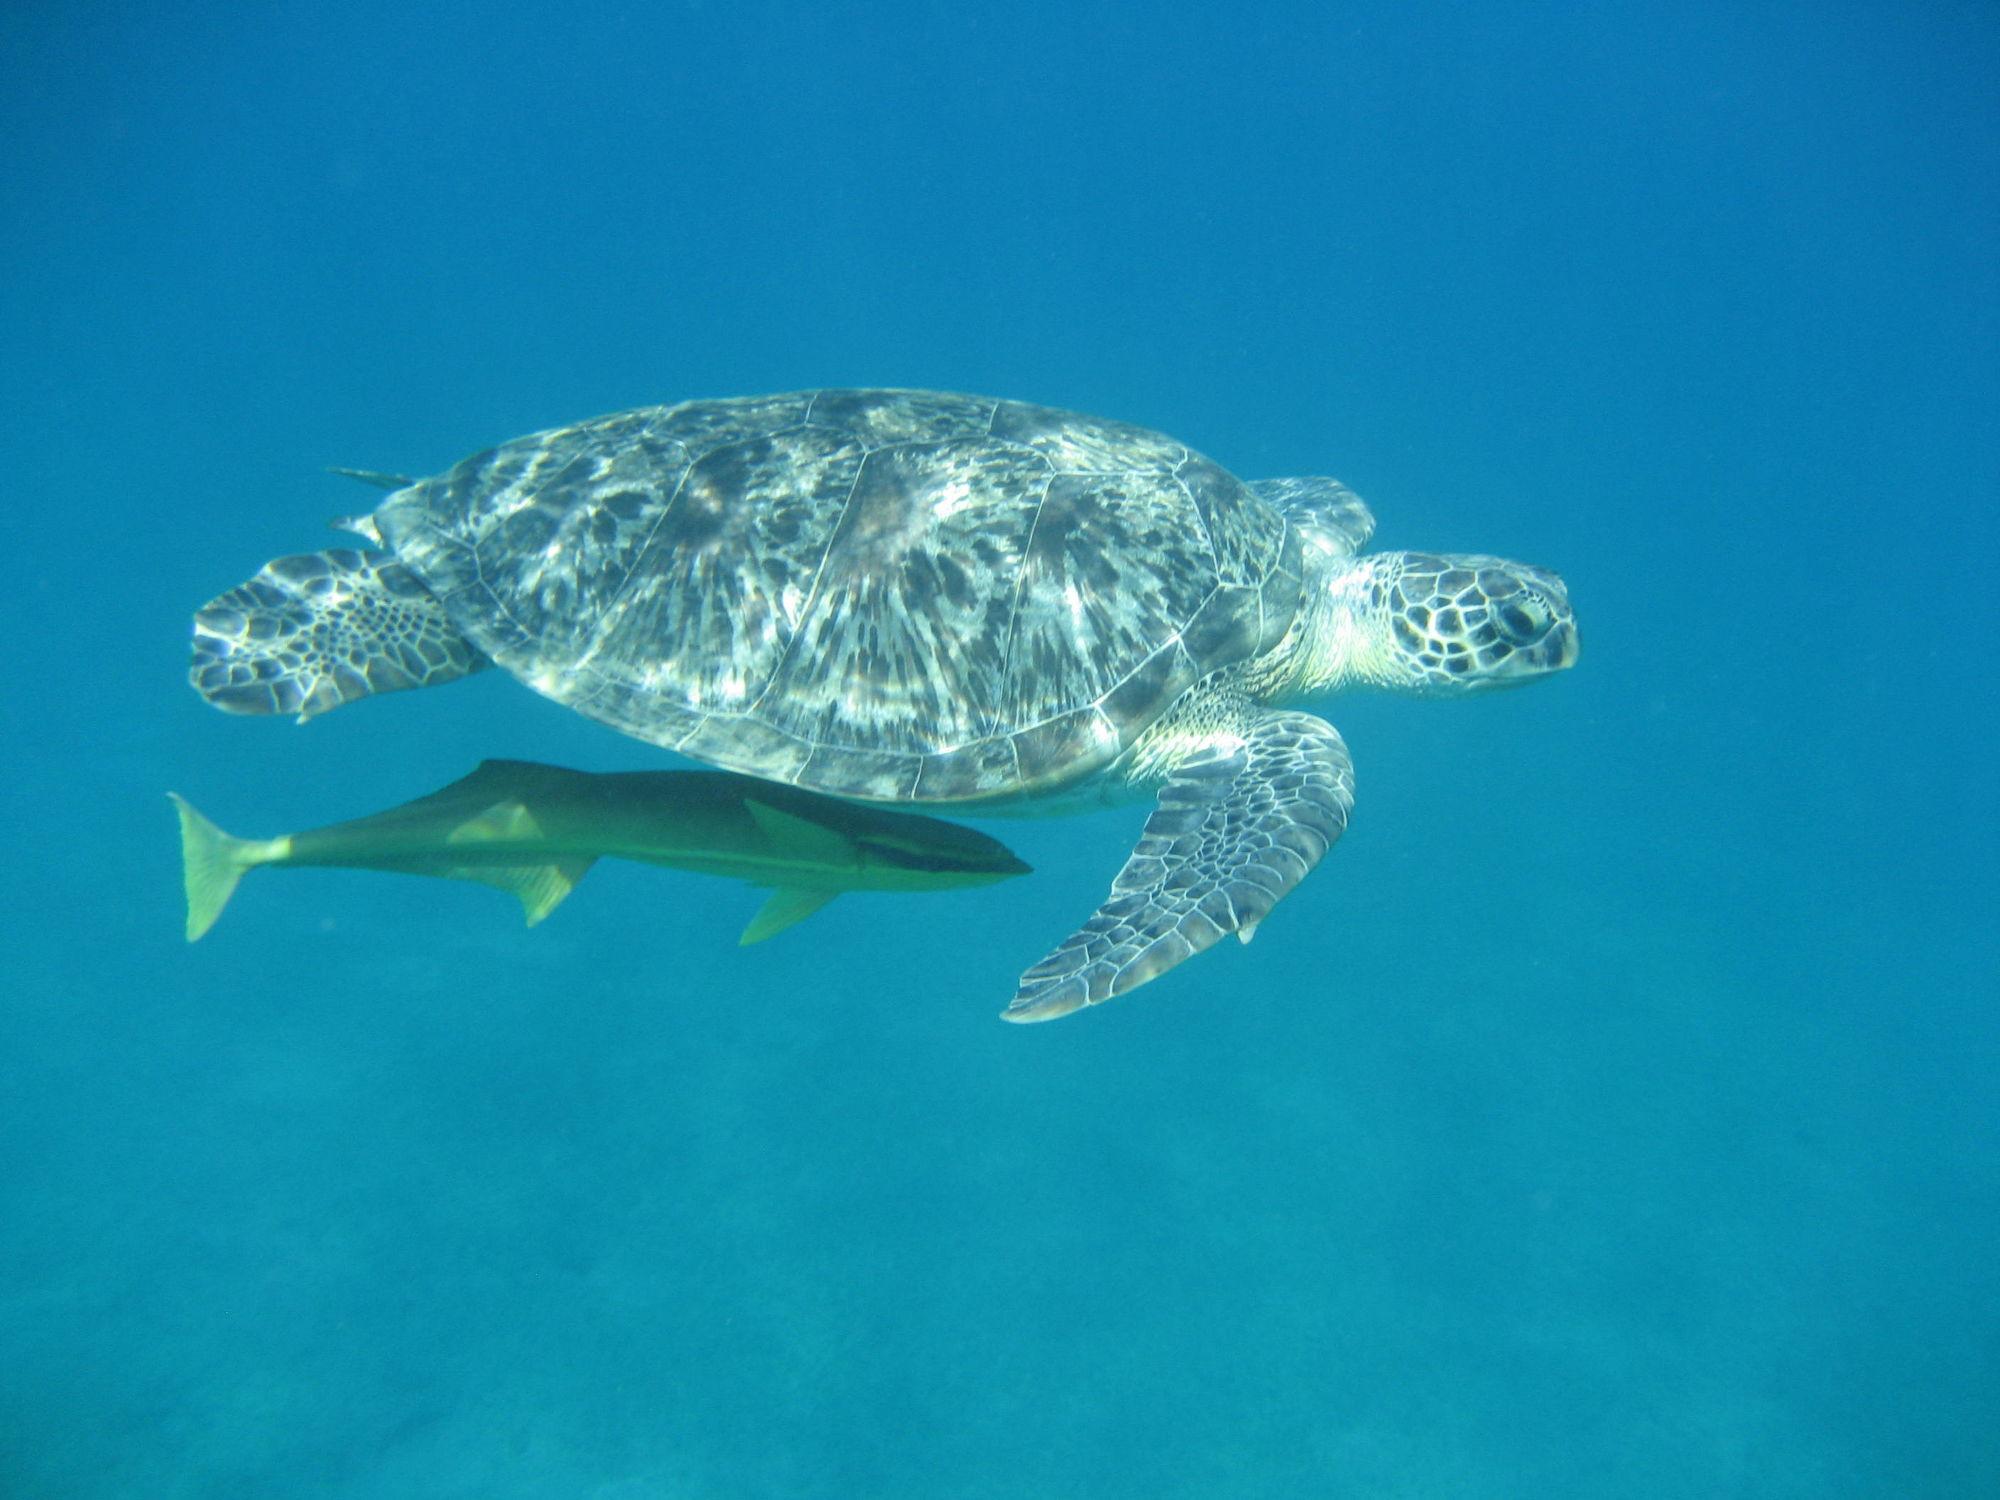 Bild mit Korallen, Unterwasser, Meer, Unterwasserwelt, Tierwelt, Schildkröte, Schildkröten, ozean, Meeresschildkröte, Korallenriff, meeresschildkröten